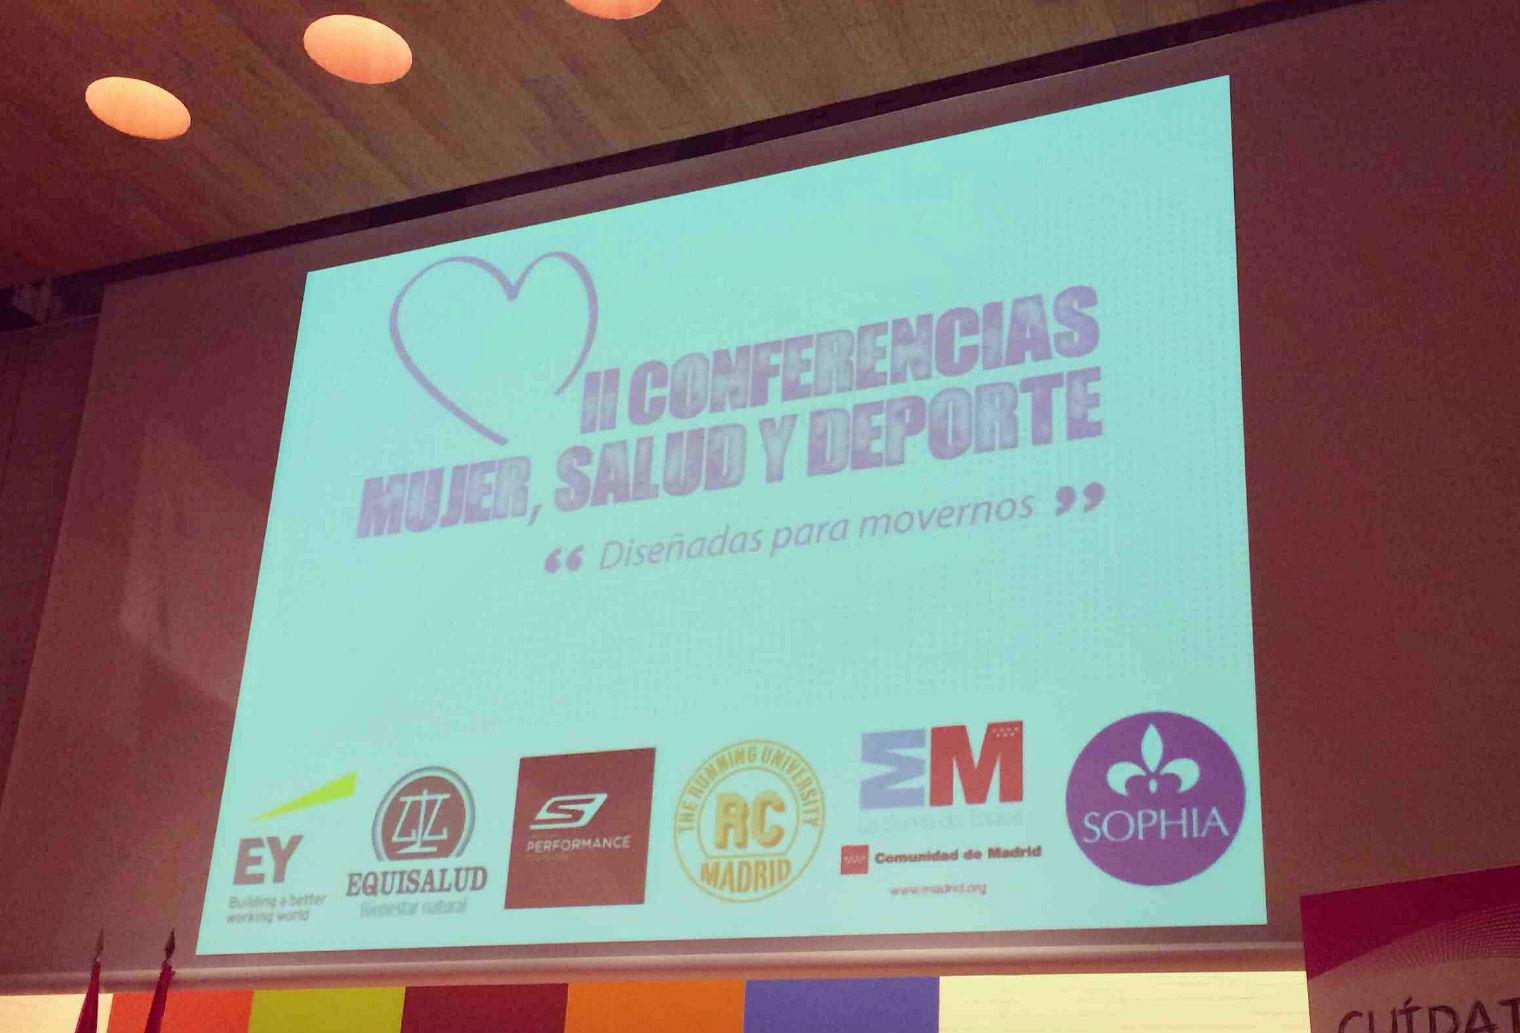 II Conferencias Mujer, Salud y Deporte #cmsd14 - Diseñadas para movernos (parte I)